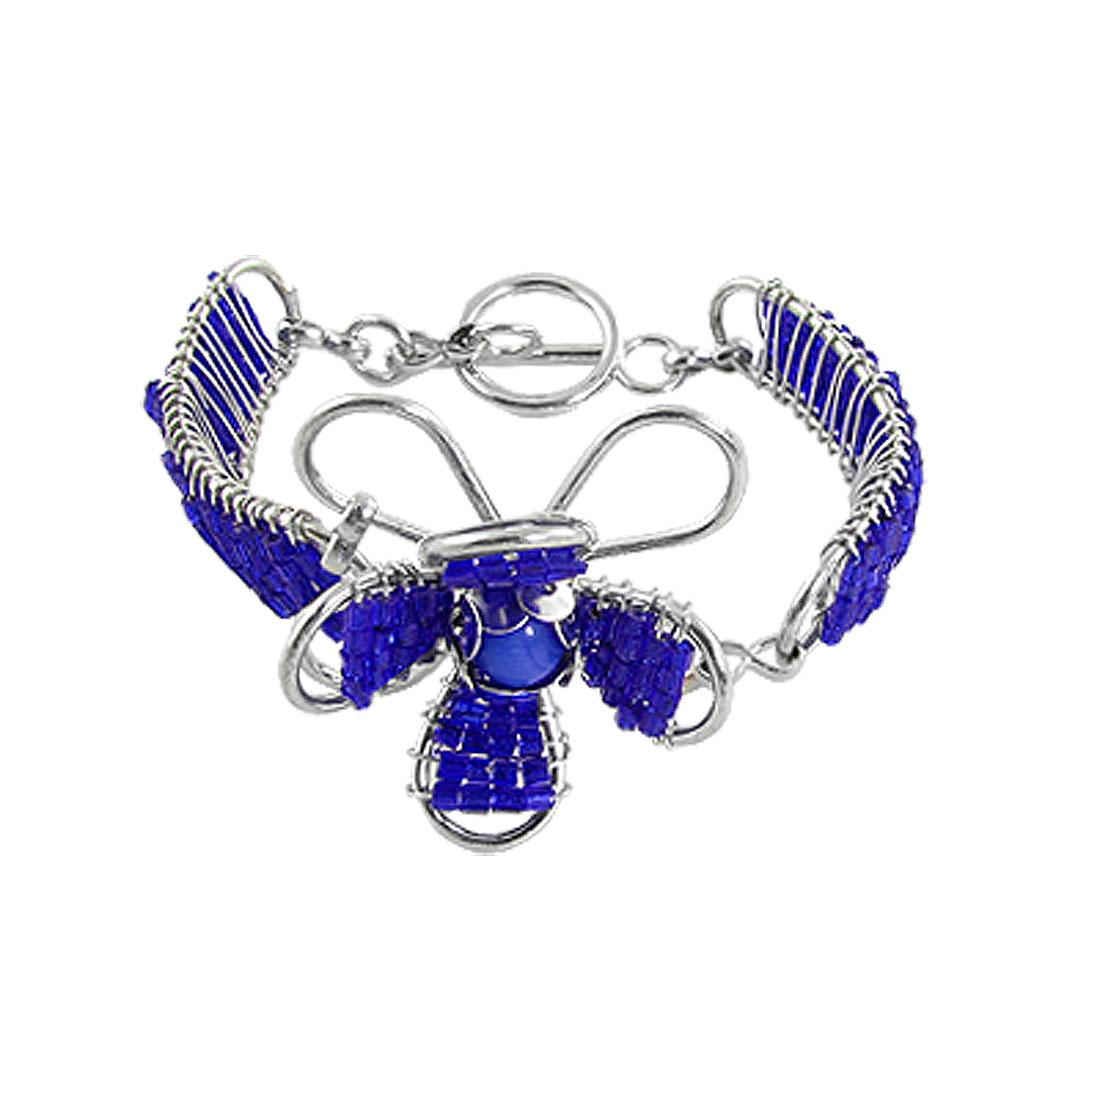 Lady Blue Tube Beads Wire Flower Band Interlocking Closure Bracelet